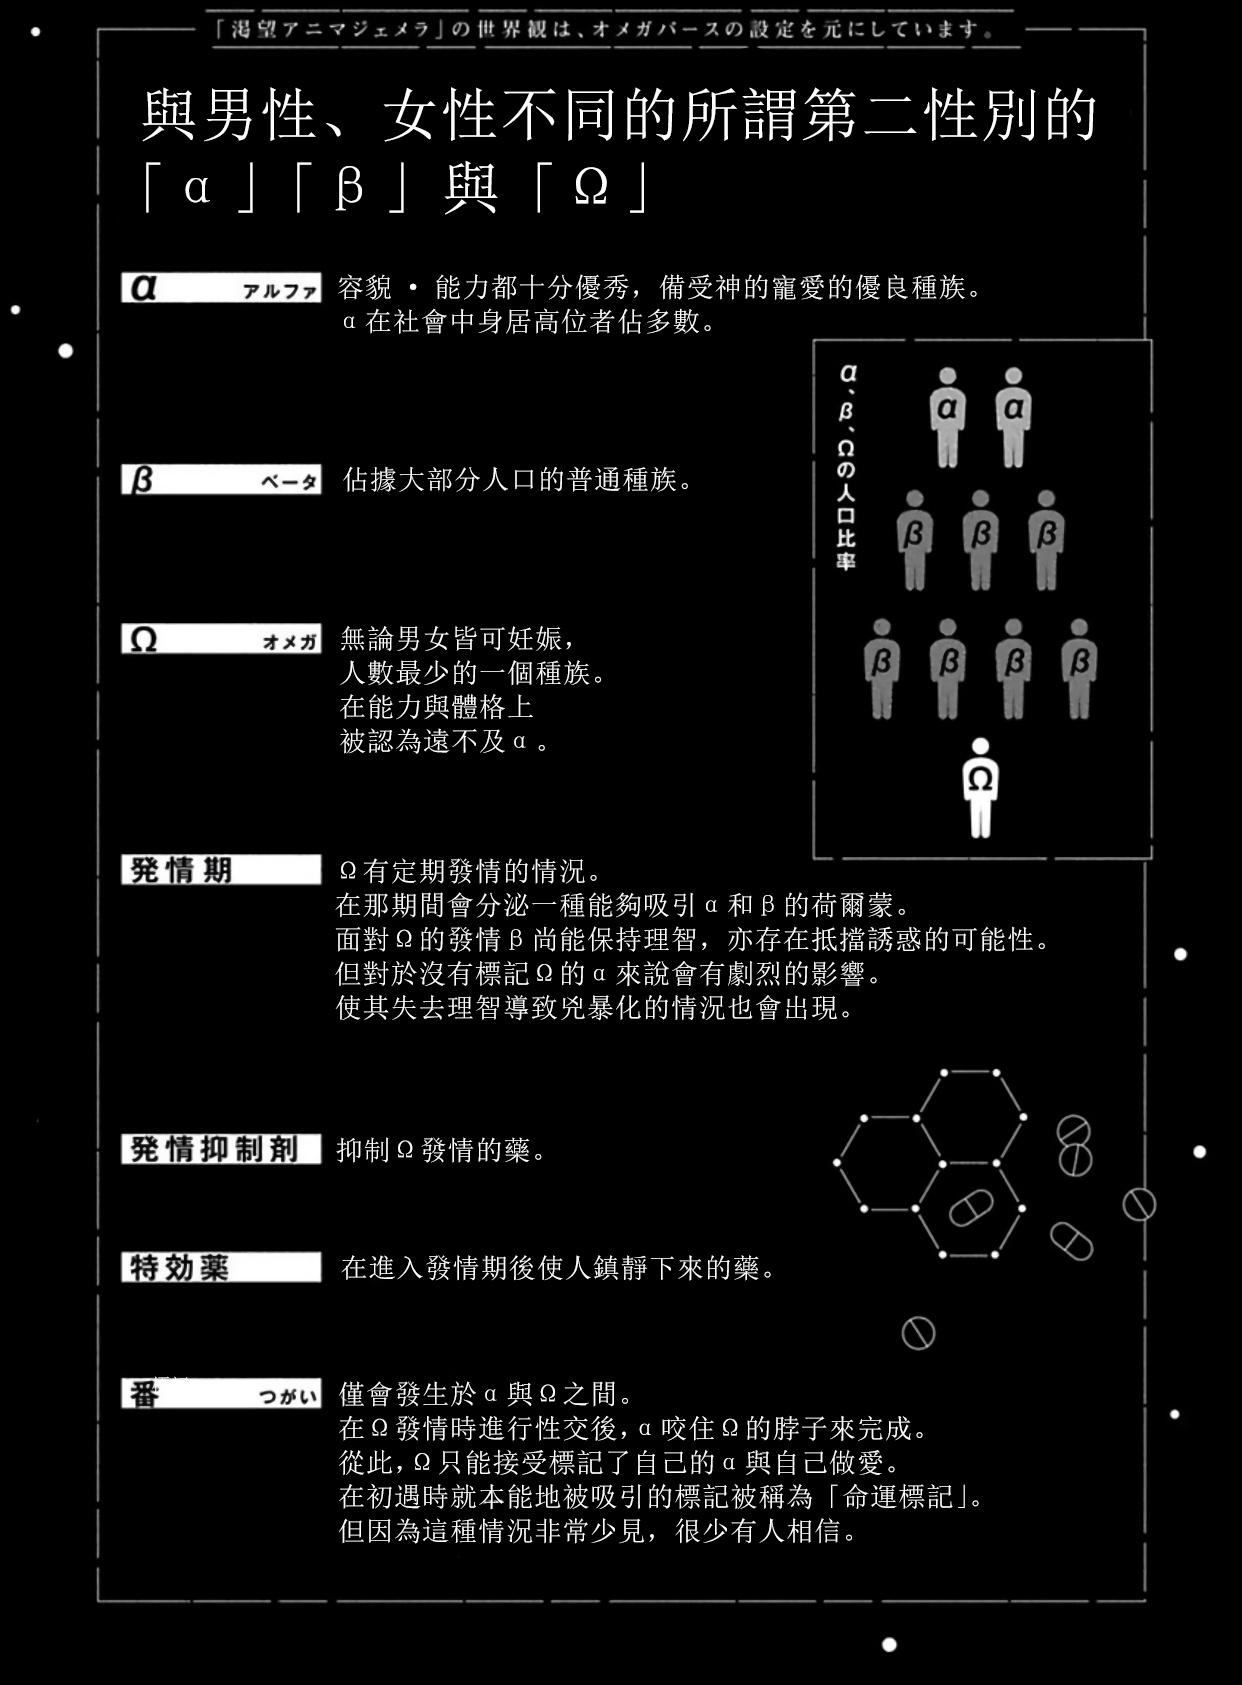 Katsubou Anima Gemella | 渴望灵魂之侣  1-3 3